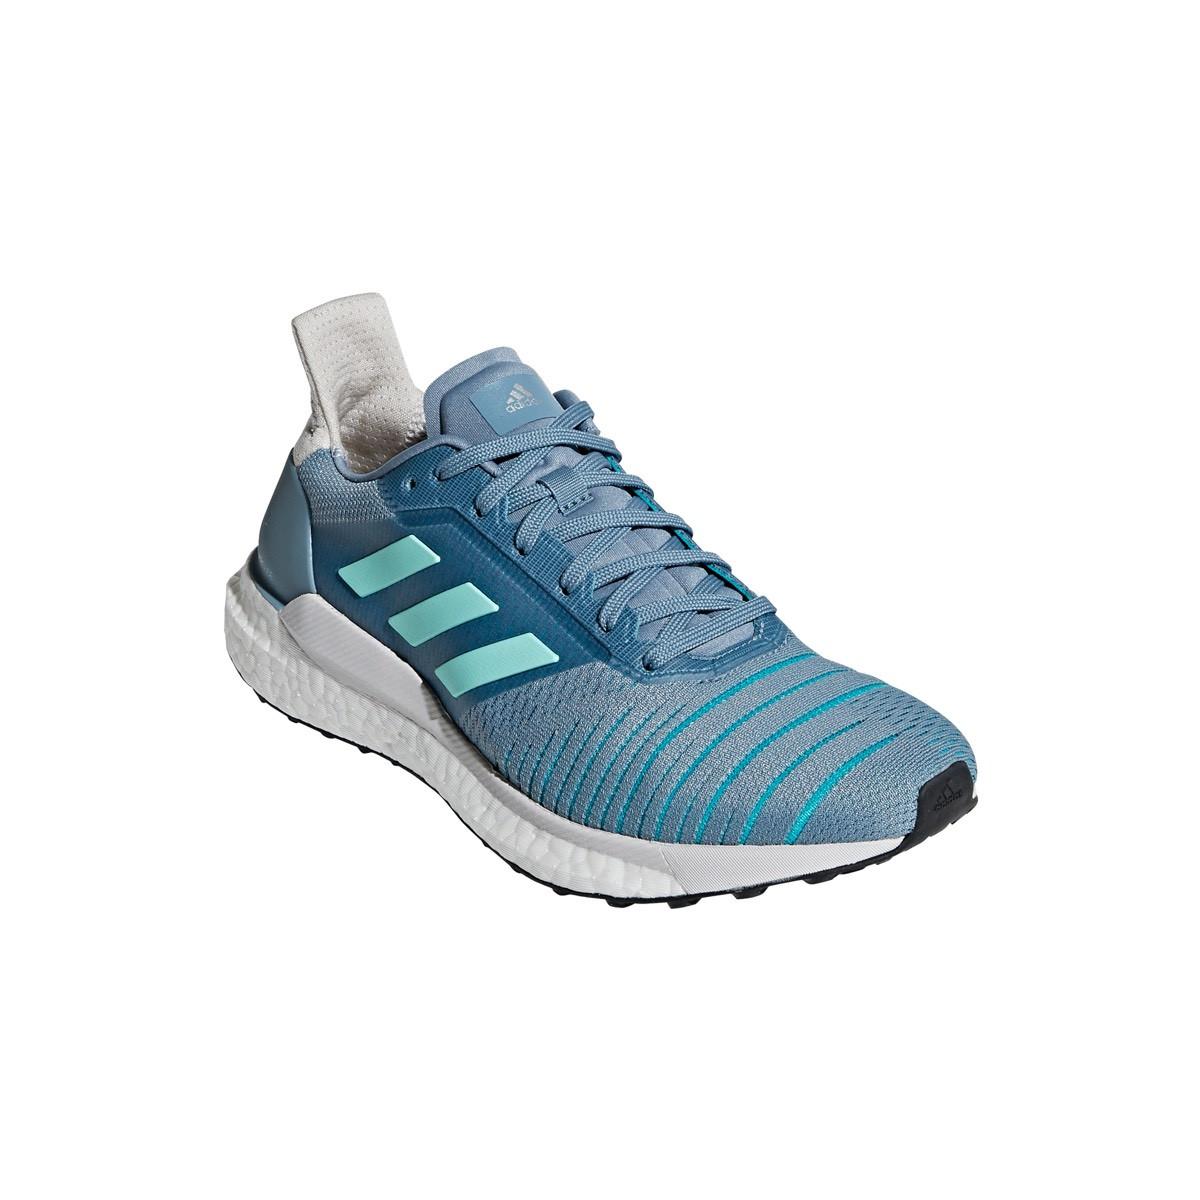 Adidas Solar Glide W Raw GreyClear MintHi Res Aqua